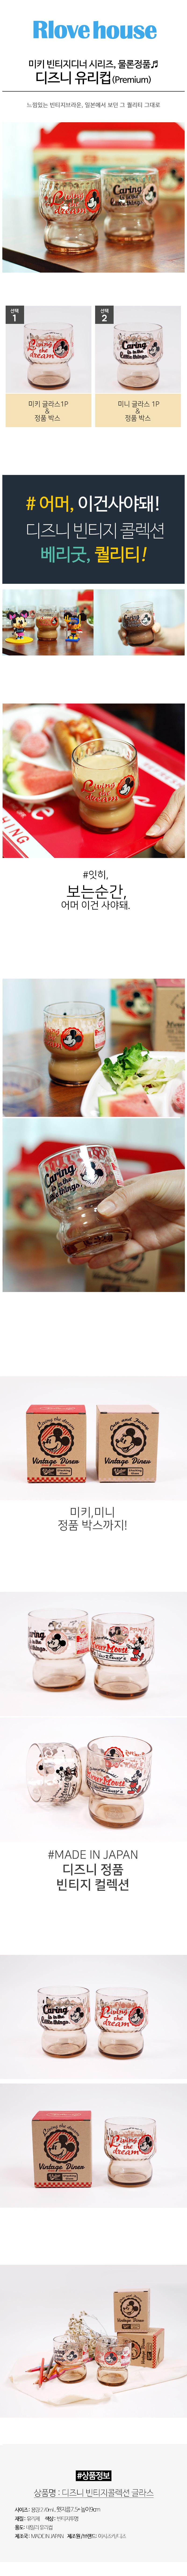 디즈니 라이센스 빈티지 유리 컵 1P 강화 고강도 잔 - 갓샵, 19,900원, 유리컵/술잔, 유리컵